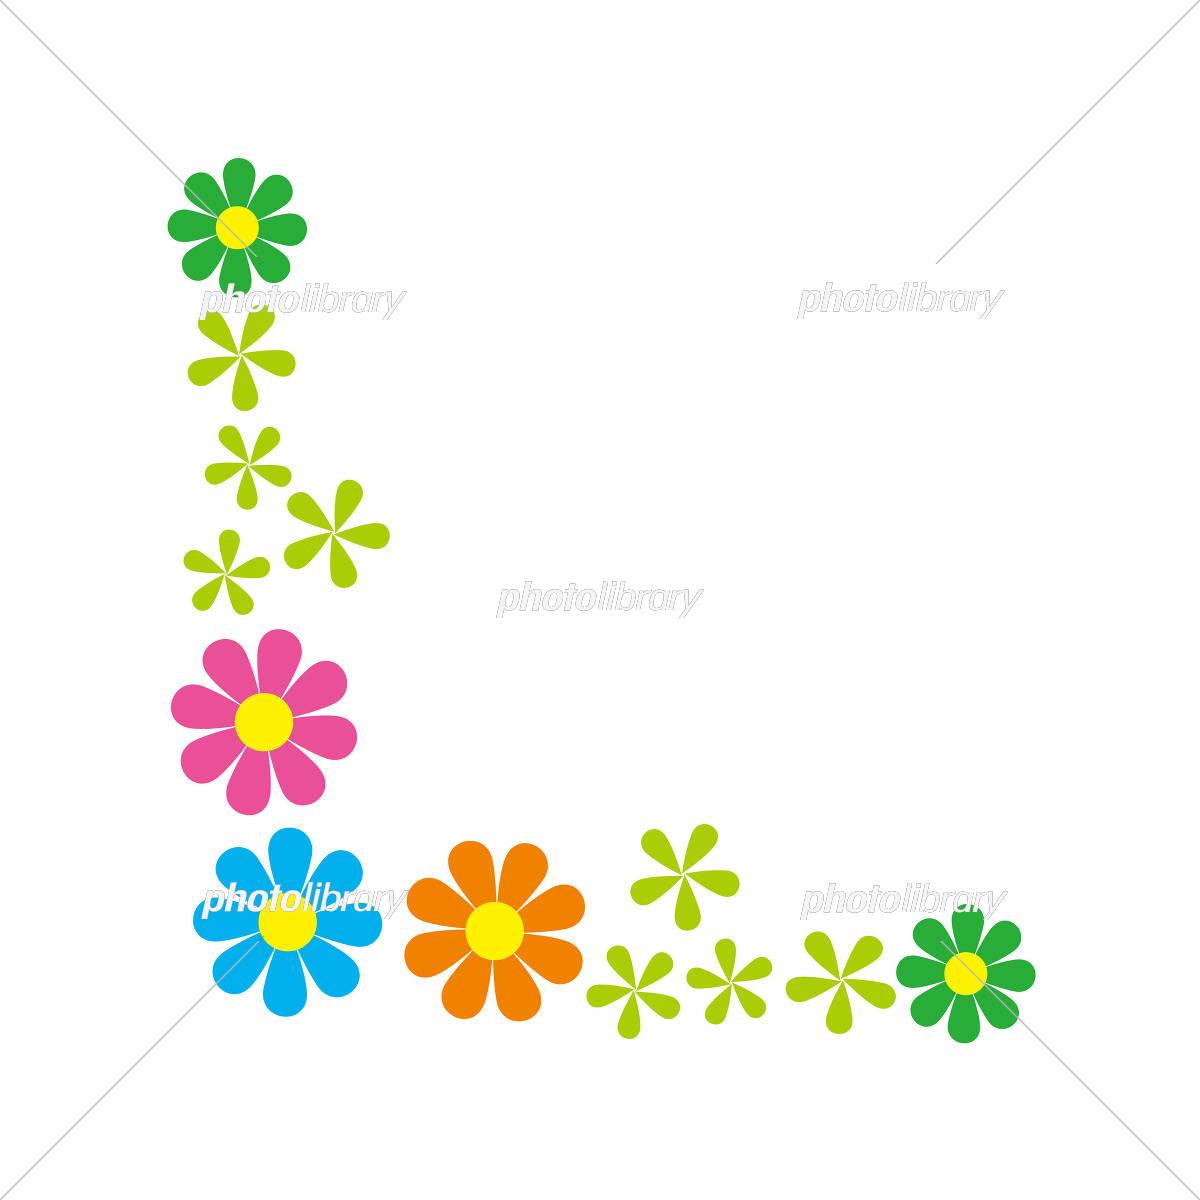 フレーム 背景 かわいい 小花 イラスト素材 [ 5410545 ] - フォトライブ